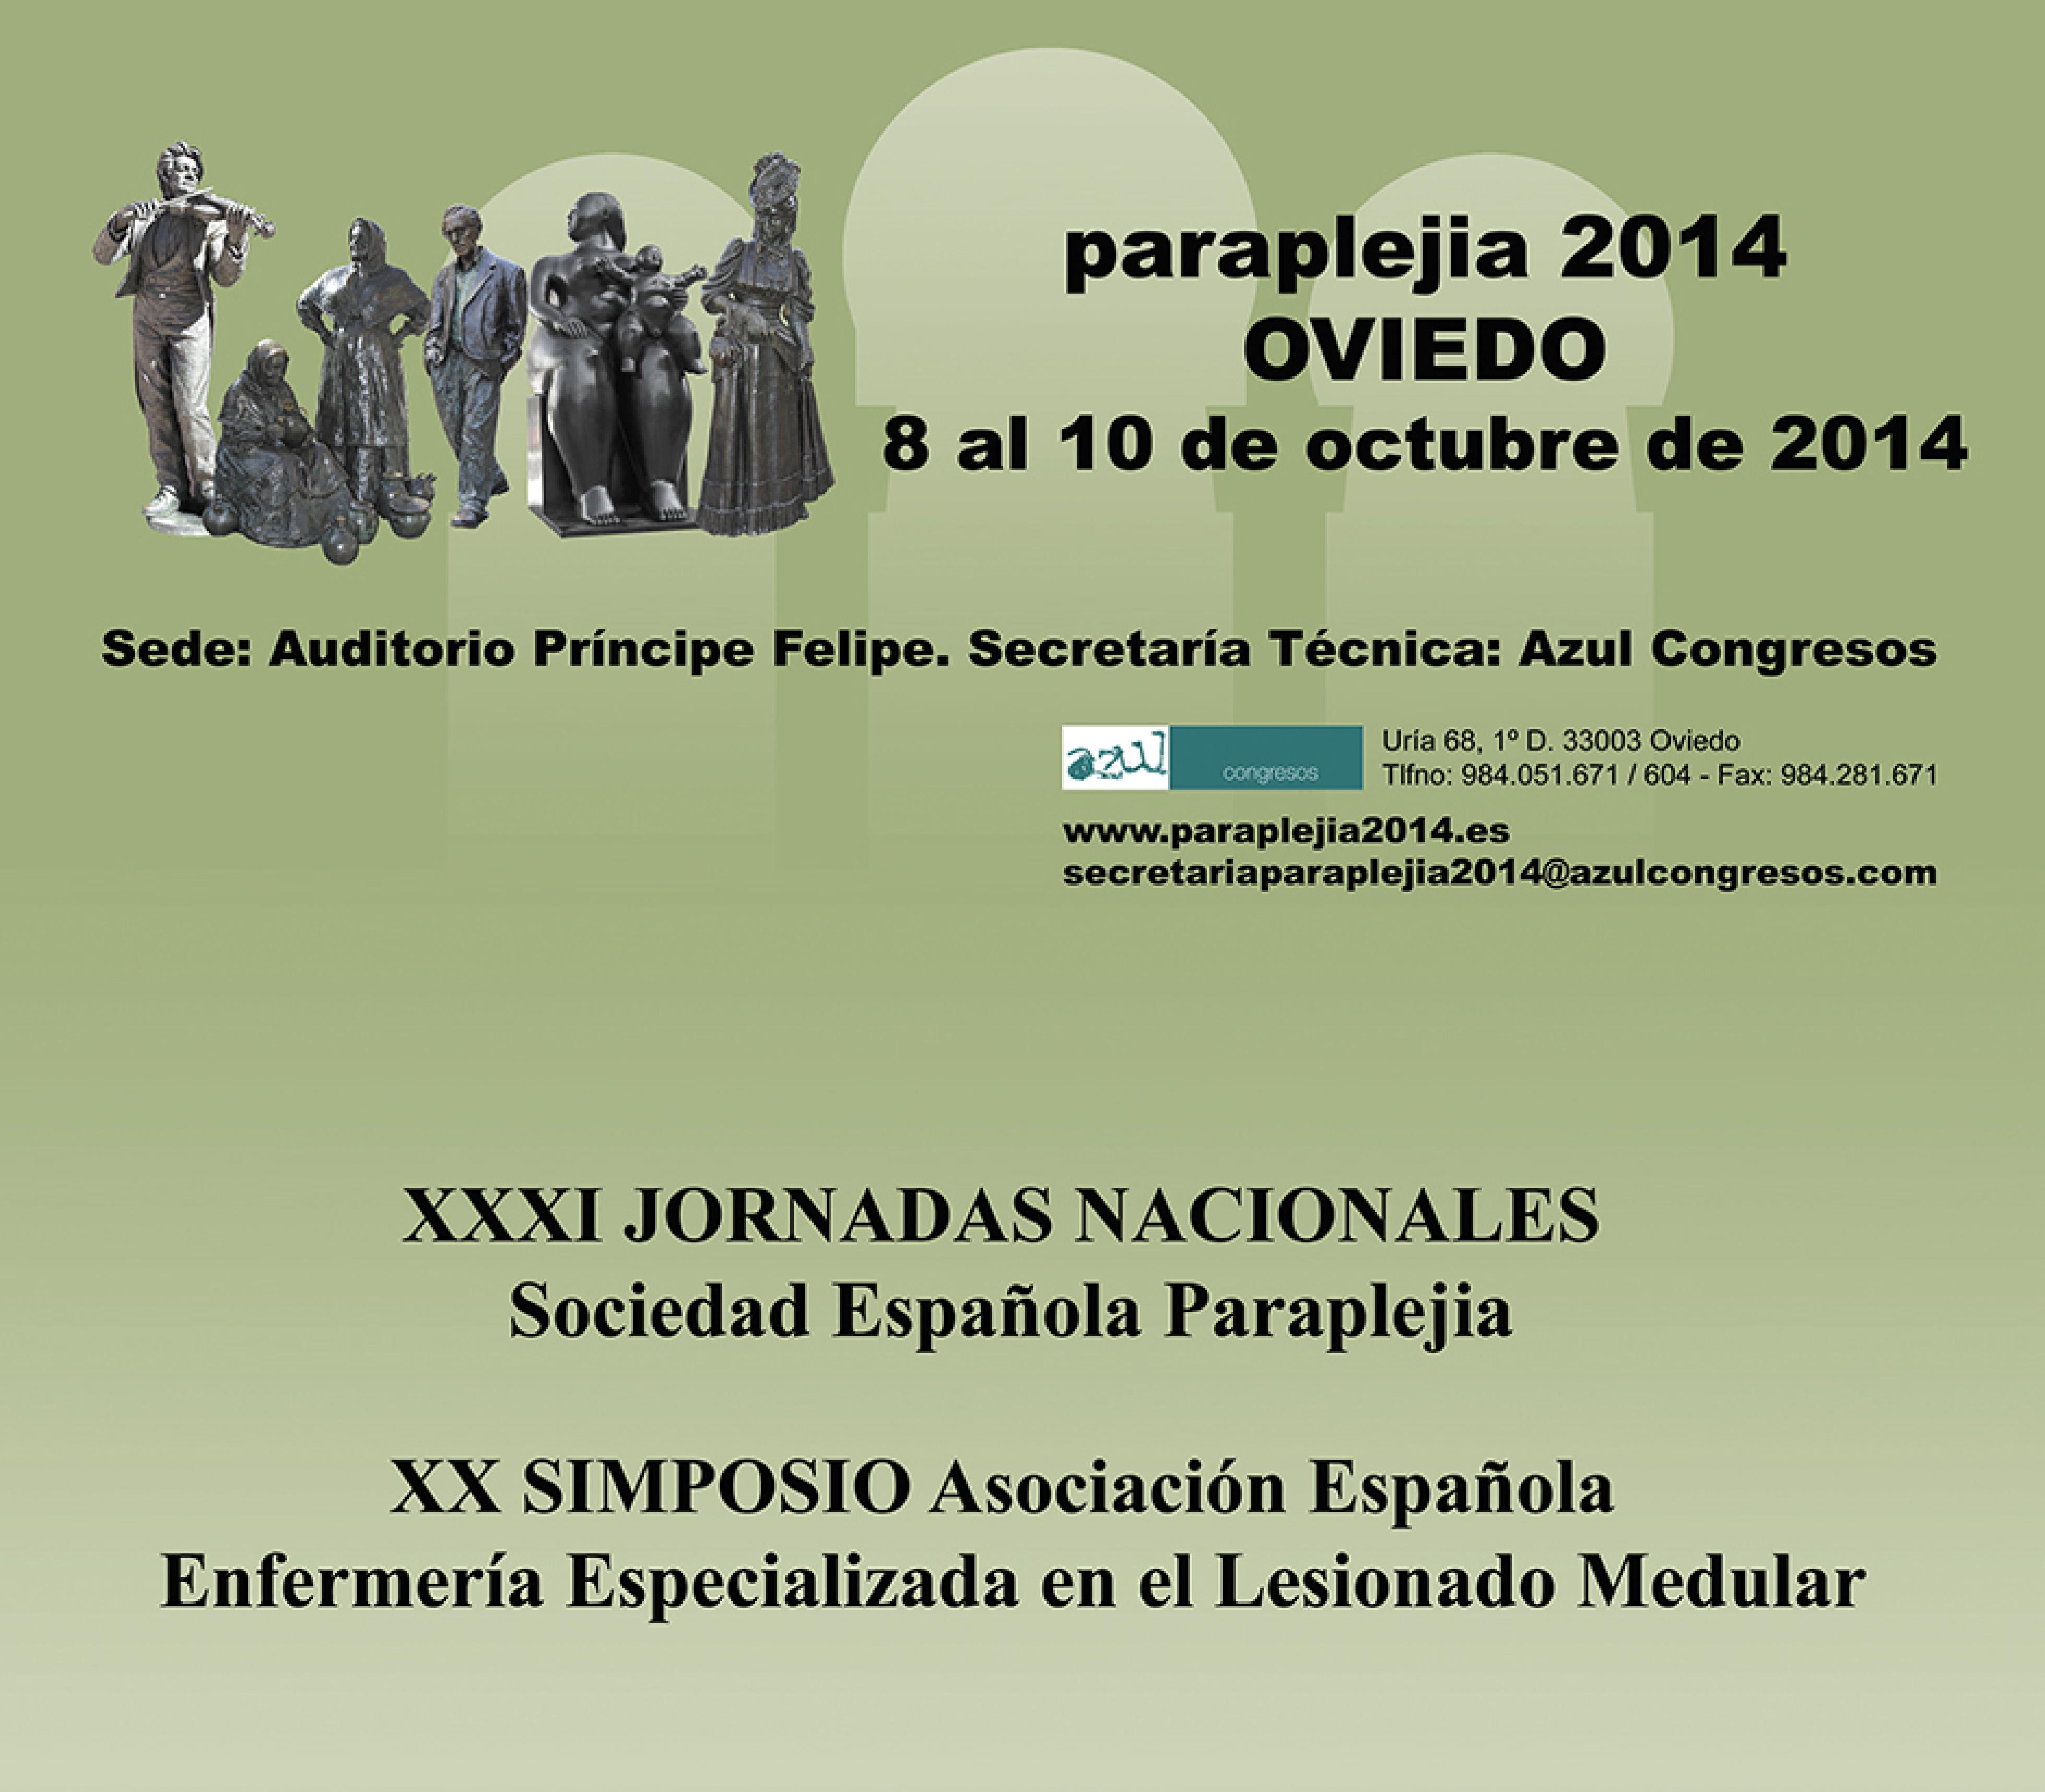 Paraplejia 2014